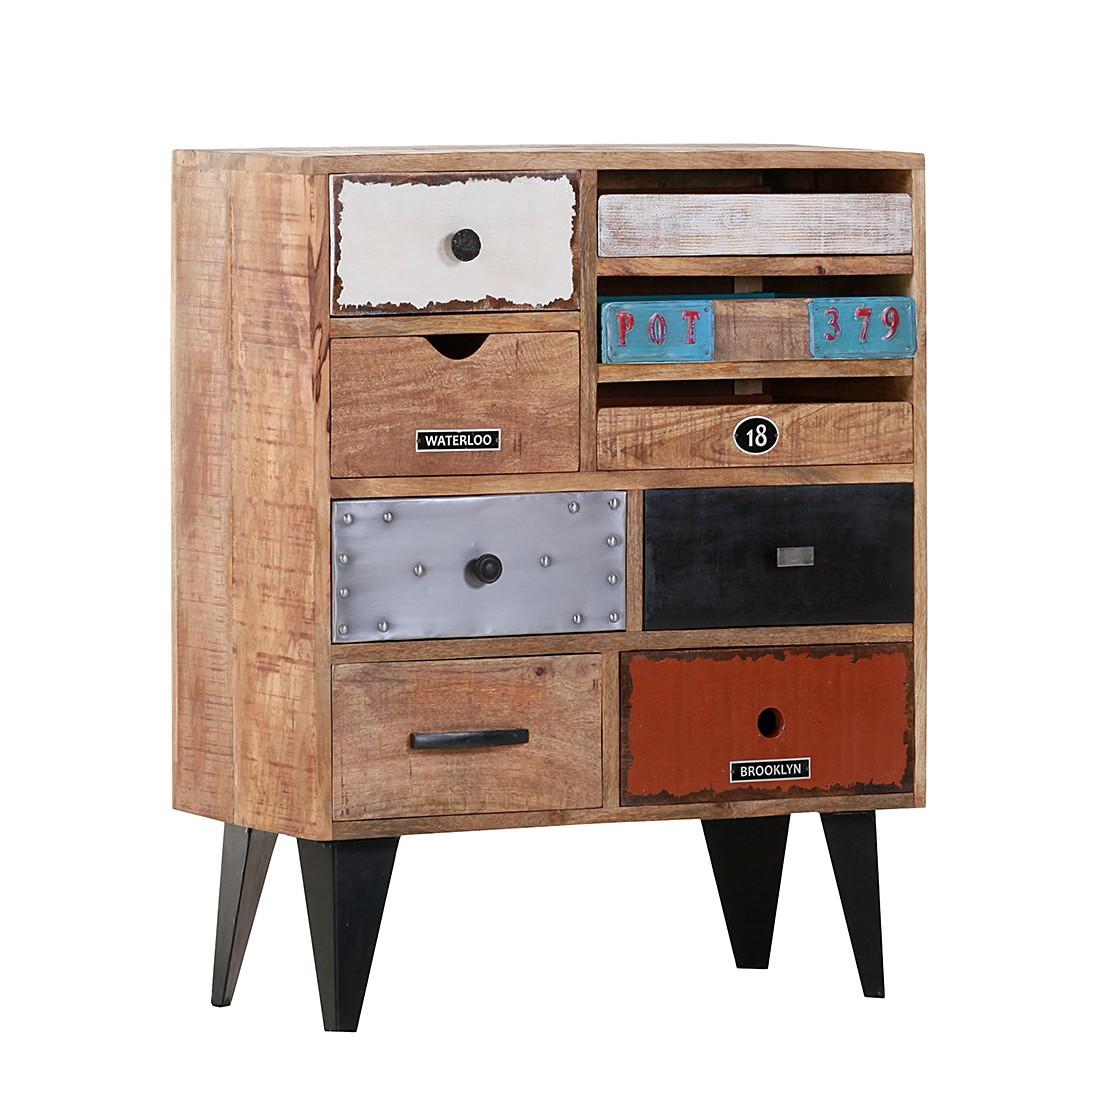 kommode 35 cm tief sonstige ars manufacti preisvergleiche erfahrungsberichte und kauf bei. Black Bedroom Furniture Sets. Home Design Ideas